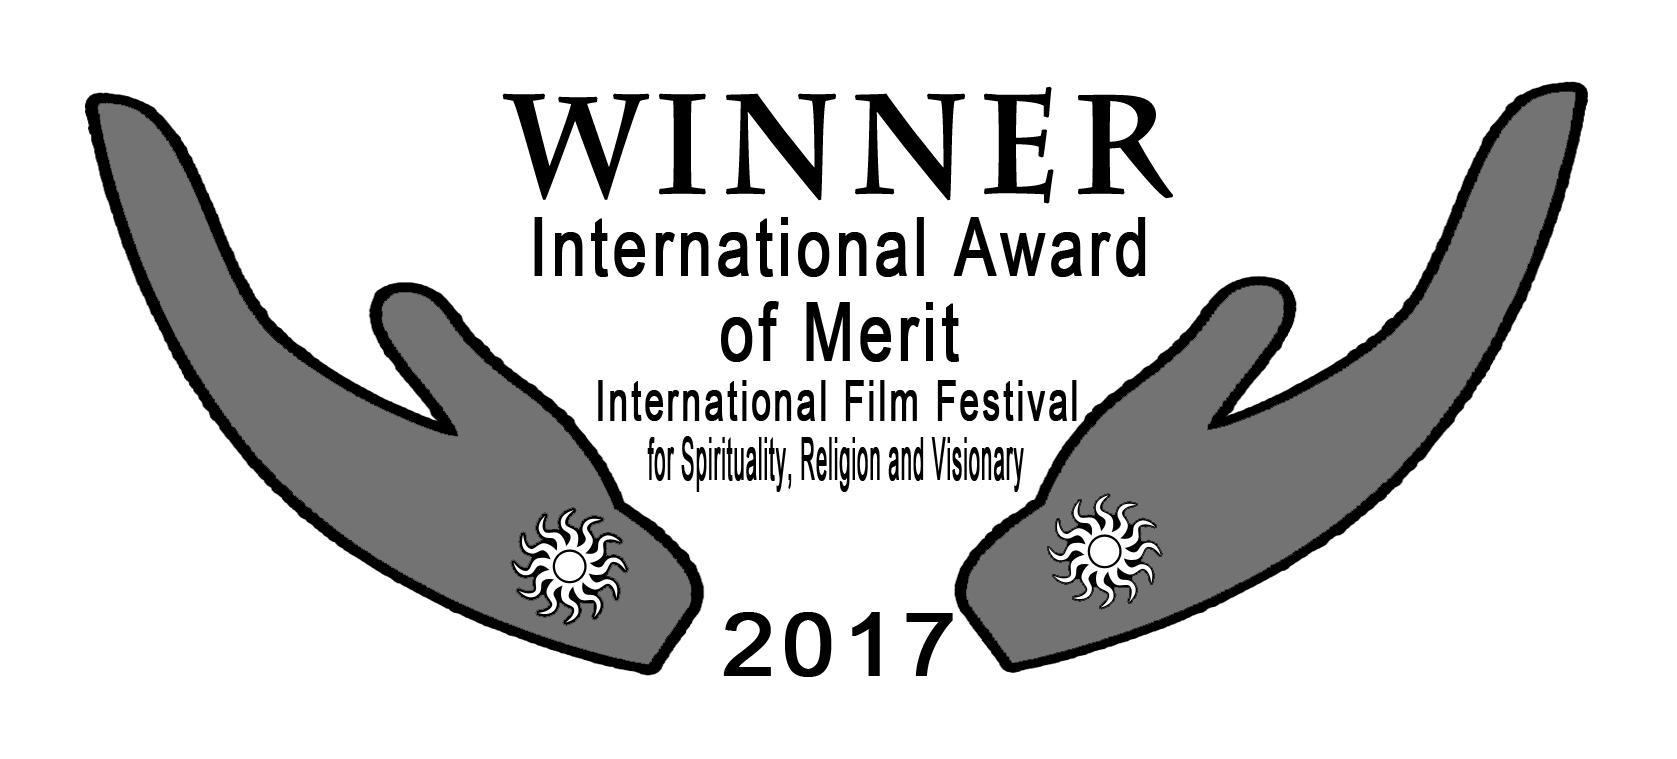 award - SRV_2017_Awards-of-Merit